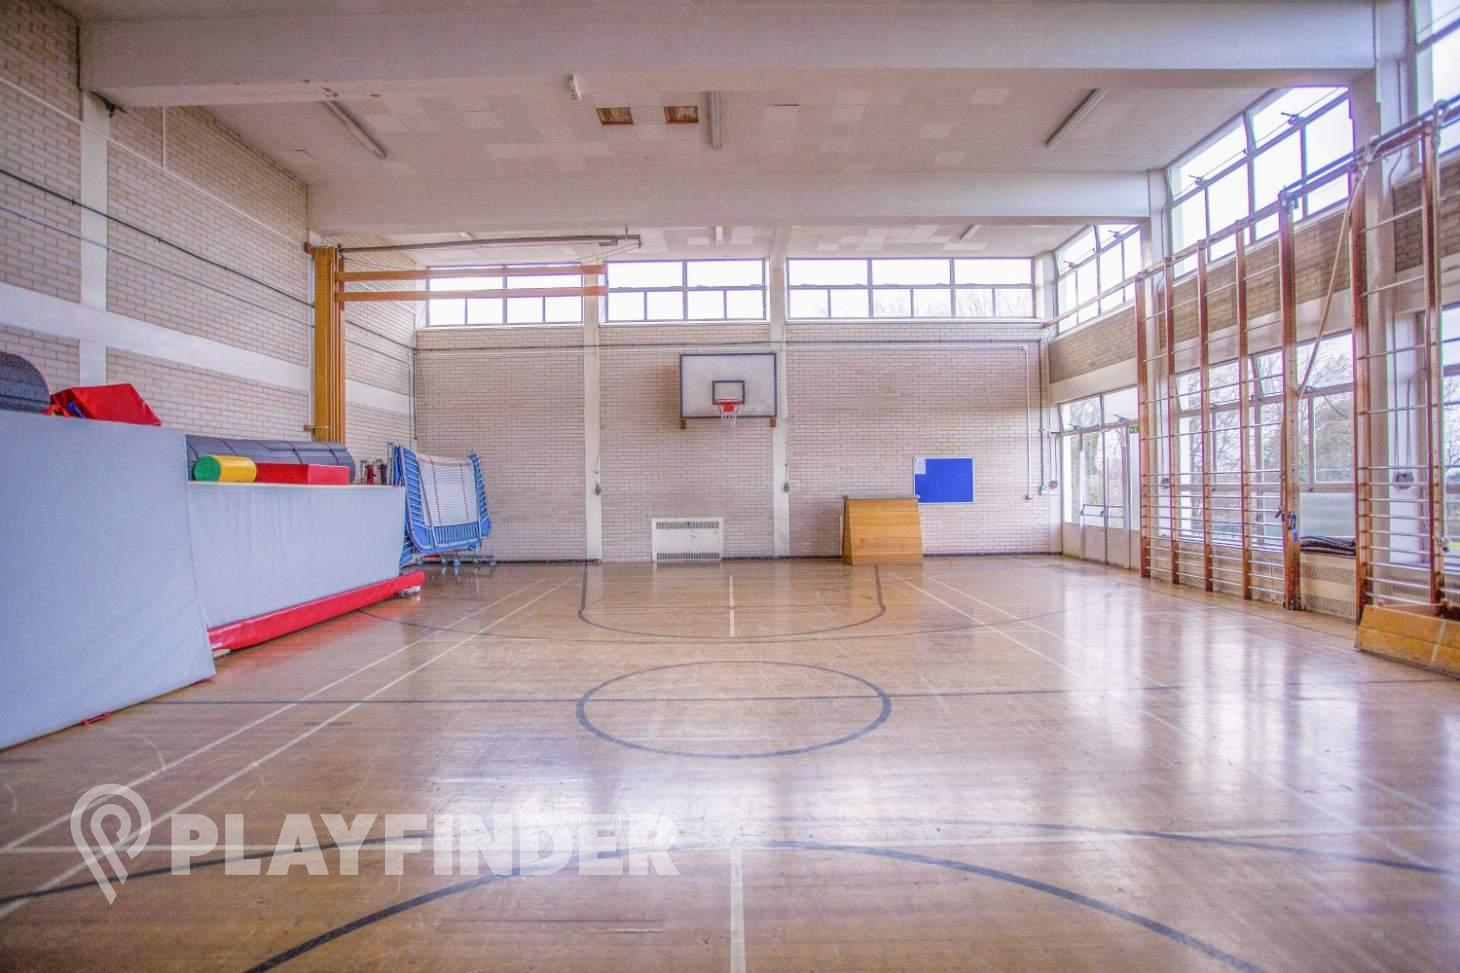 Bishop Thomas Grant School Indoor gym